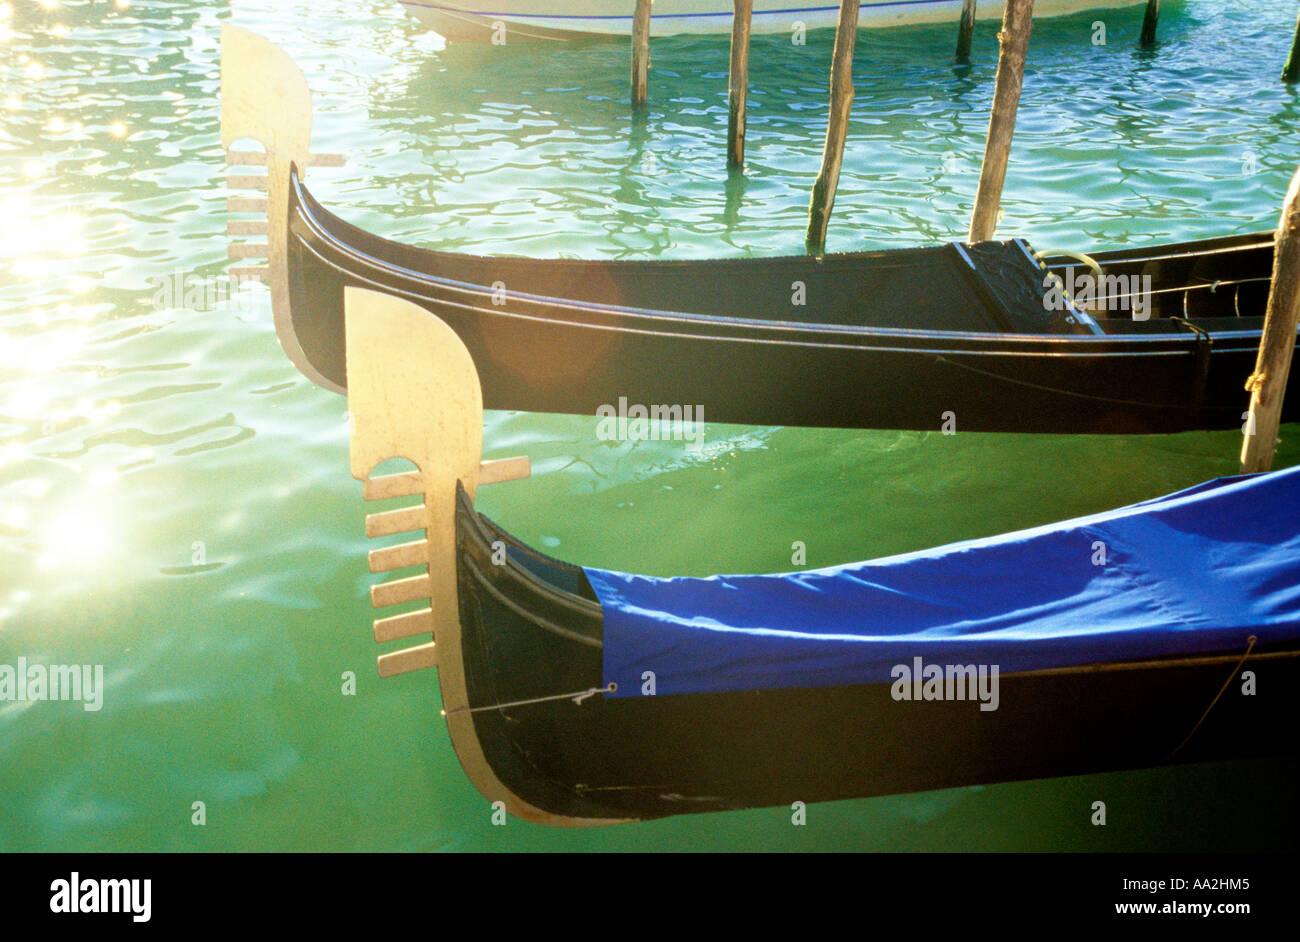 L'Italie, Venise, gondoles de soleil sur la surface de l'eau Grand Canal Grand Canal, les gondoles de proues sculptées amarré par canal Banque D'Images